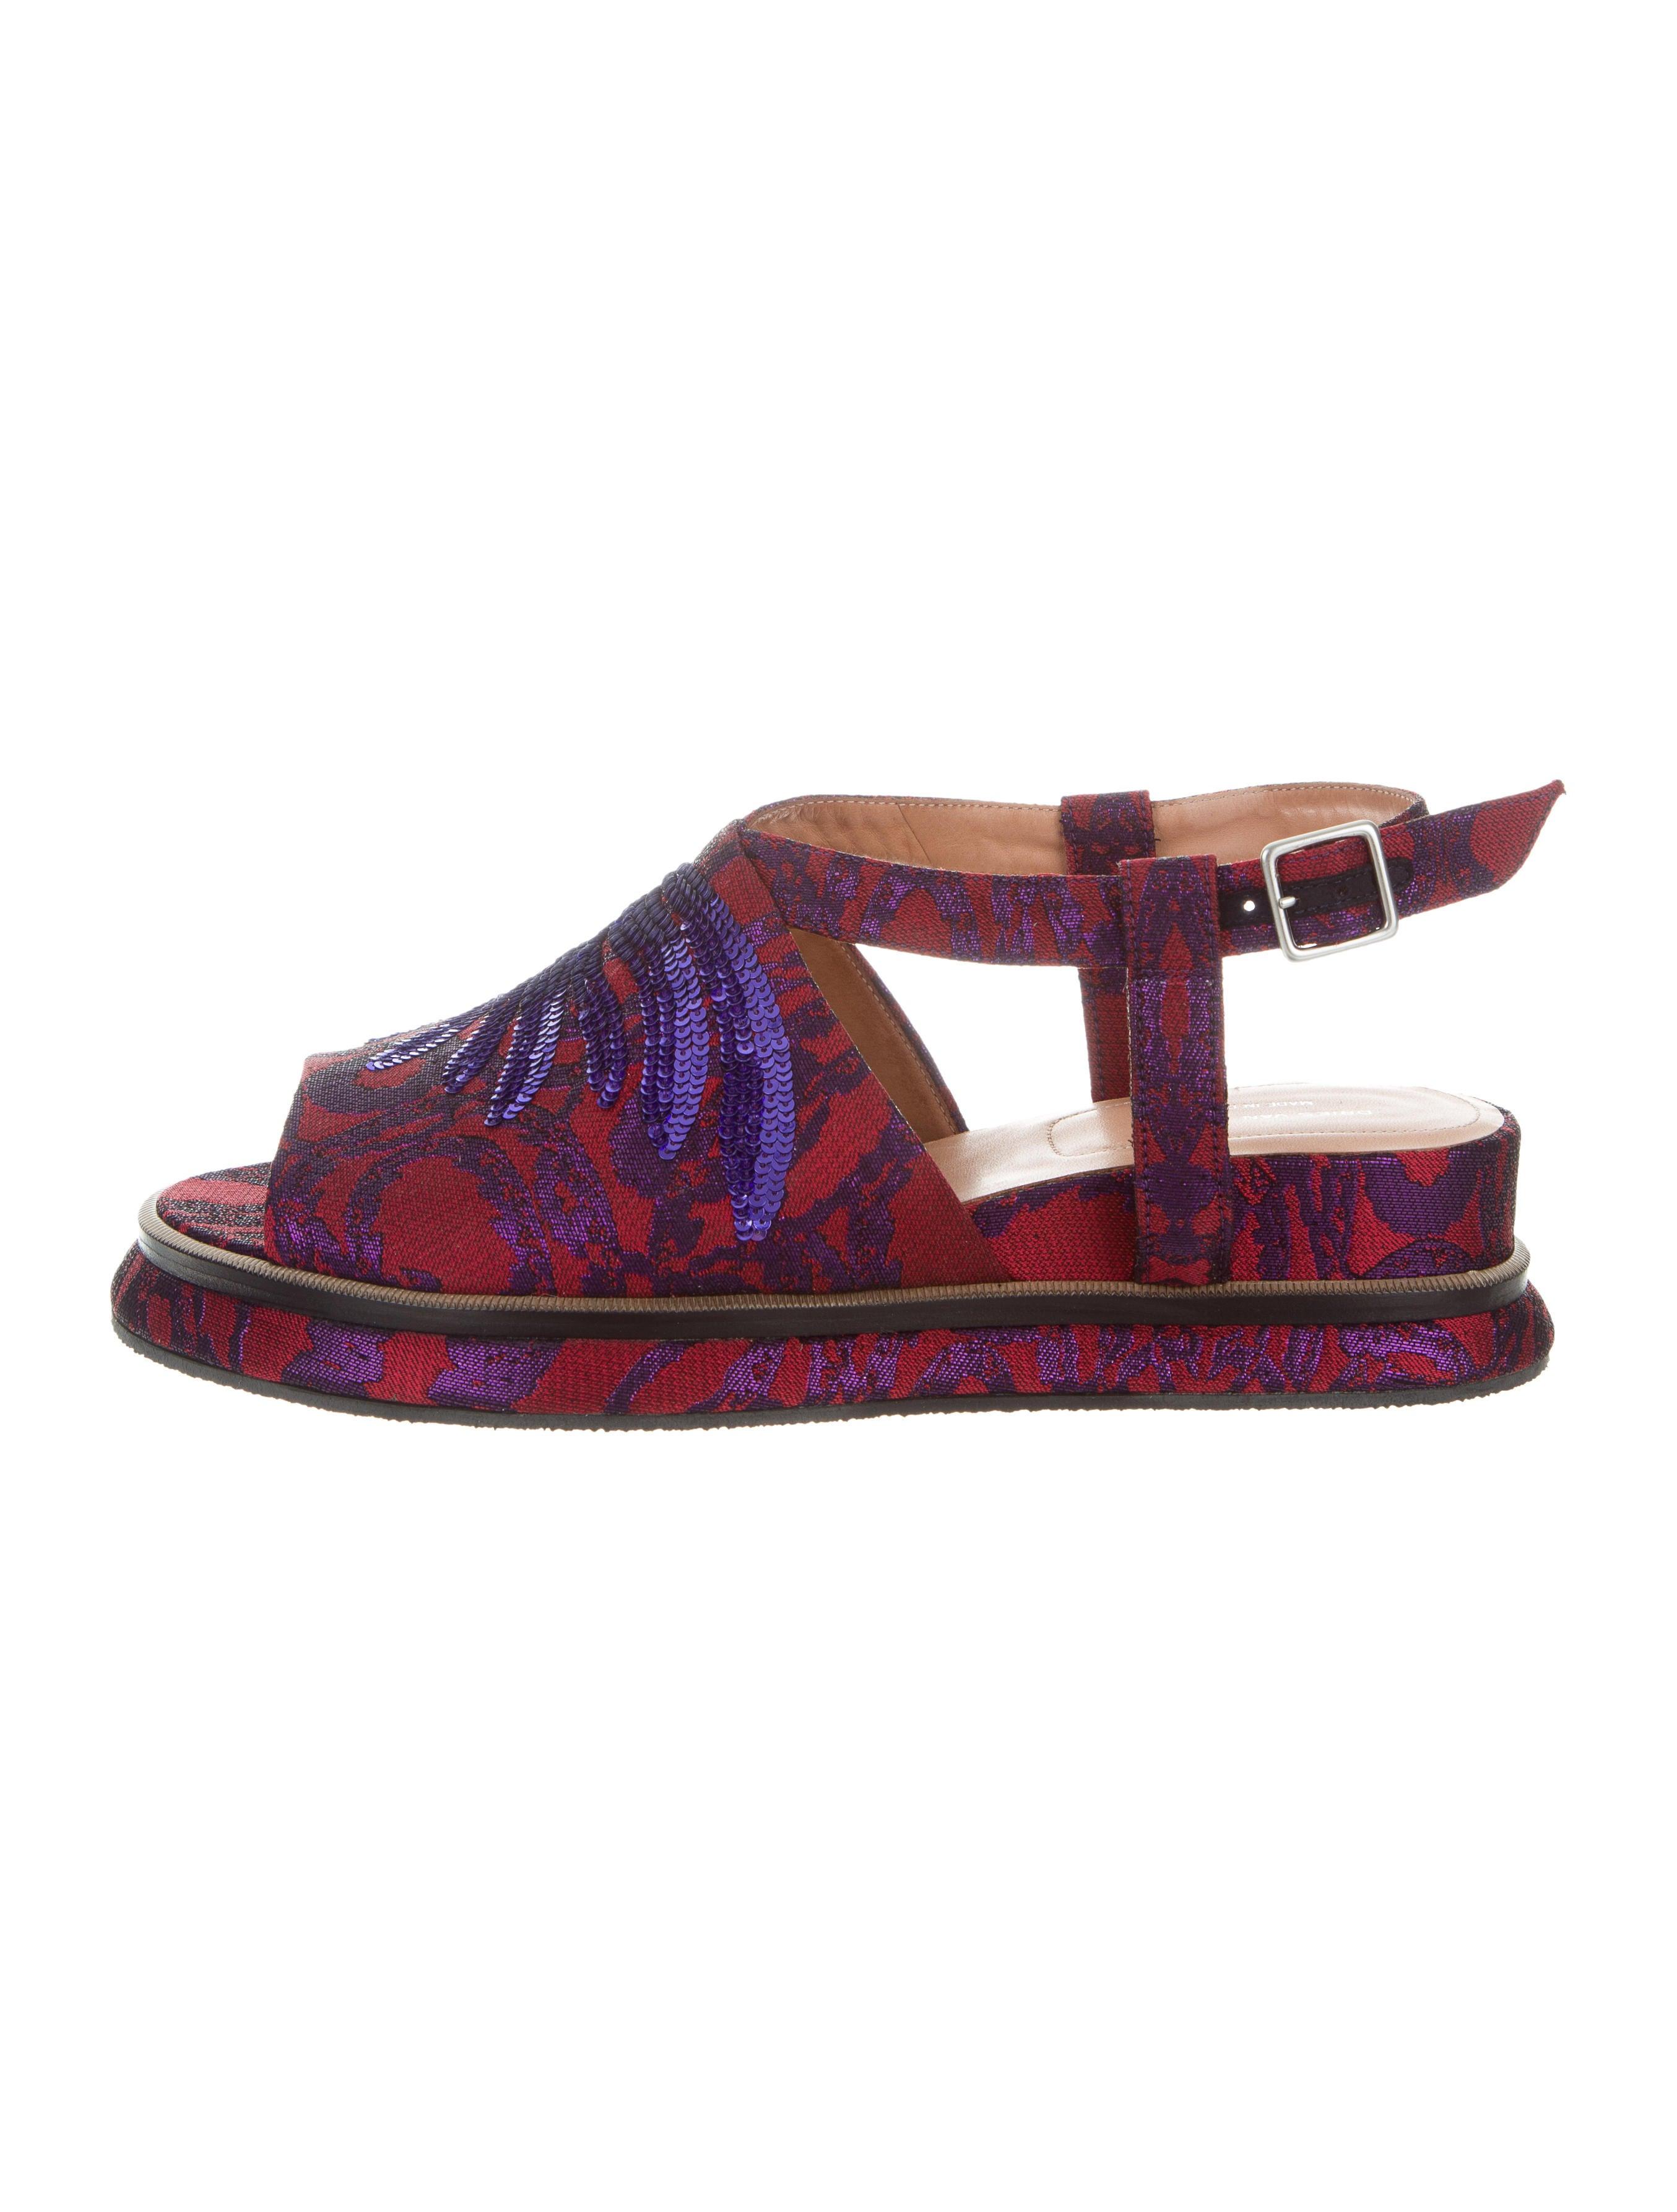 27e137cf7792c8 Women · Shoes  Dries Van Noten Brocade Sequined Sandals. Brocade Sequined  Sandals